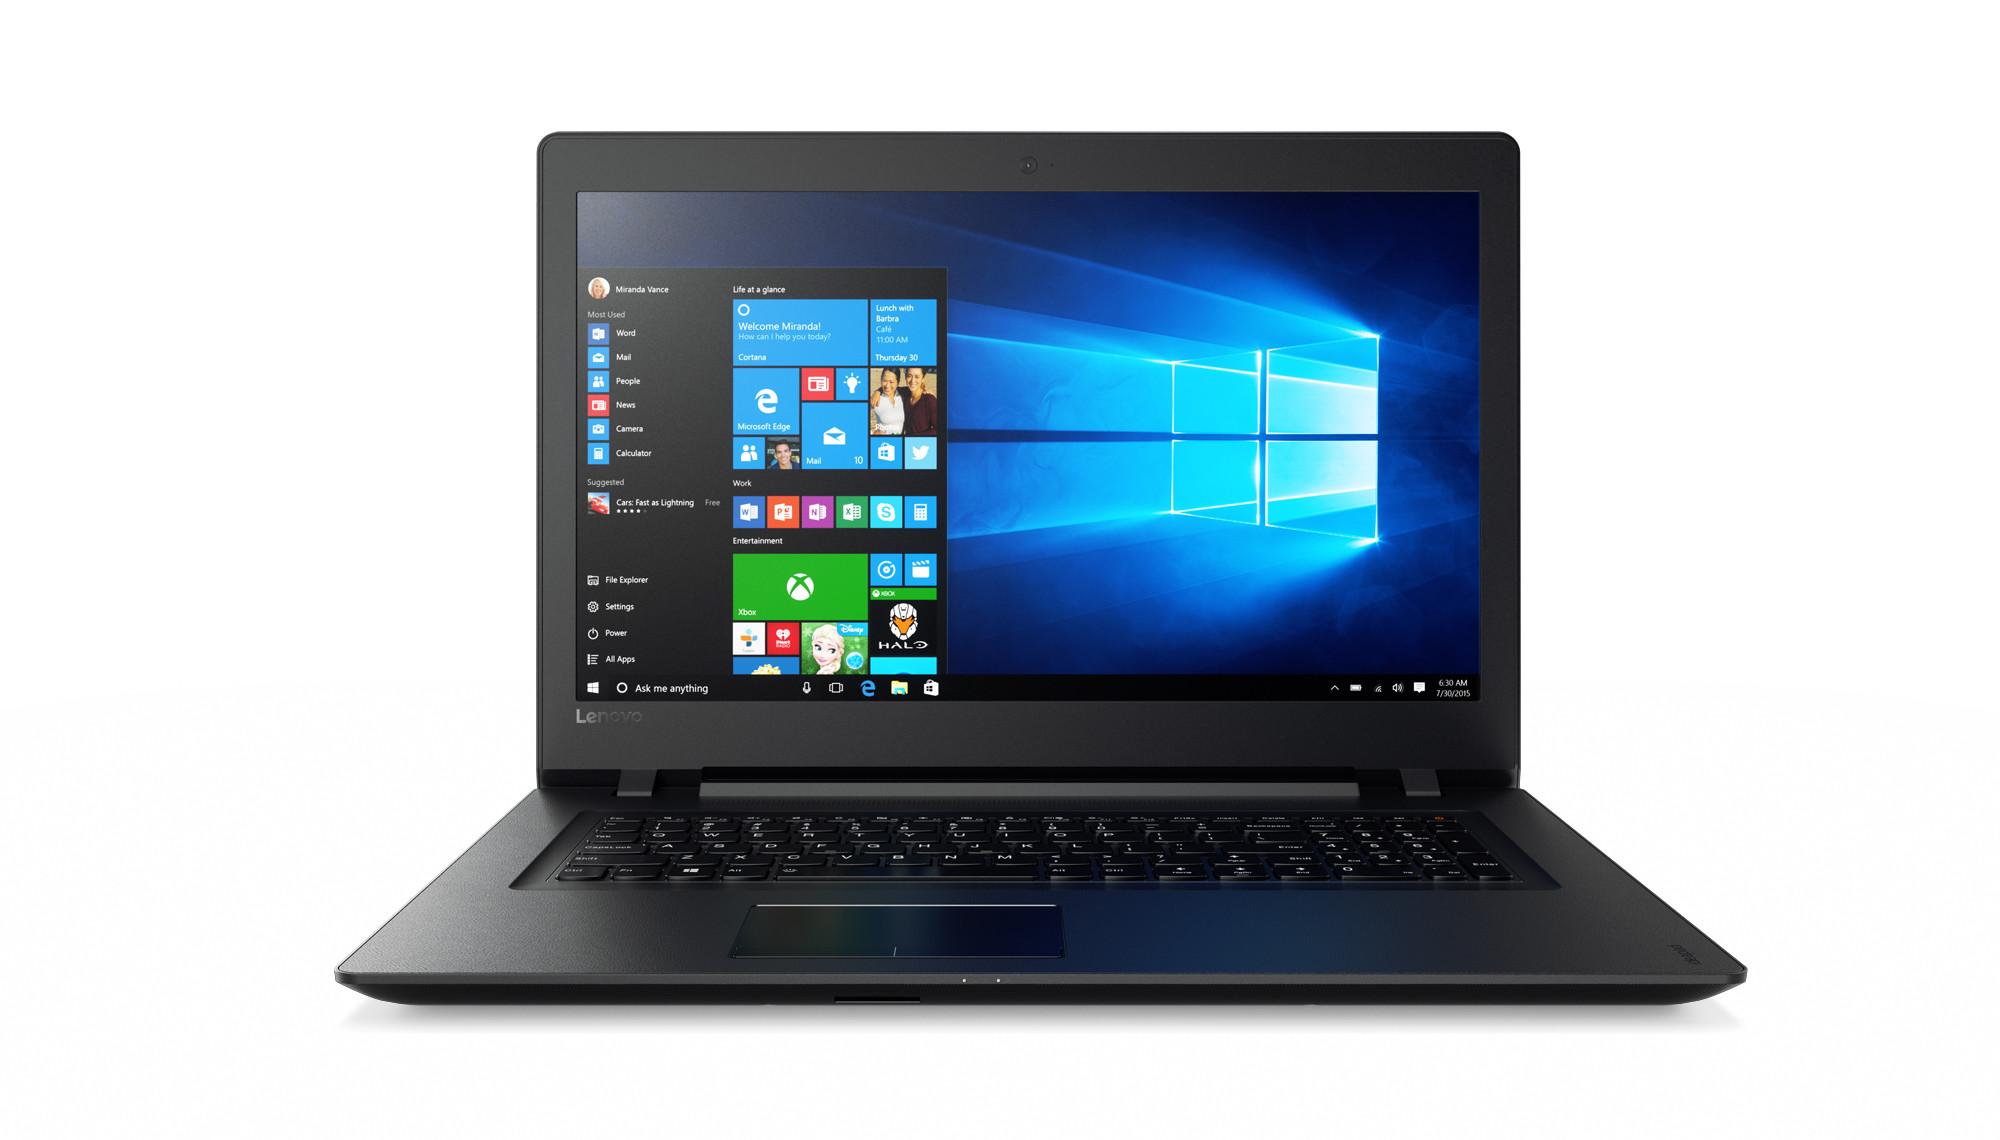 Lenovo IdeaPad 110 17.3 HD+ TN GL/I3-6006U/1TB/4G/INT/DVD/W10 černý